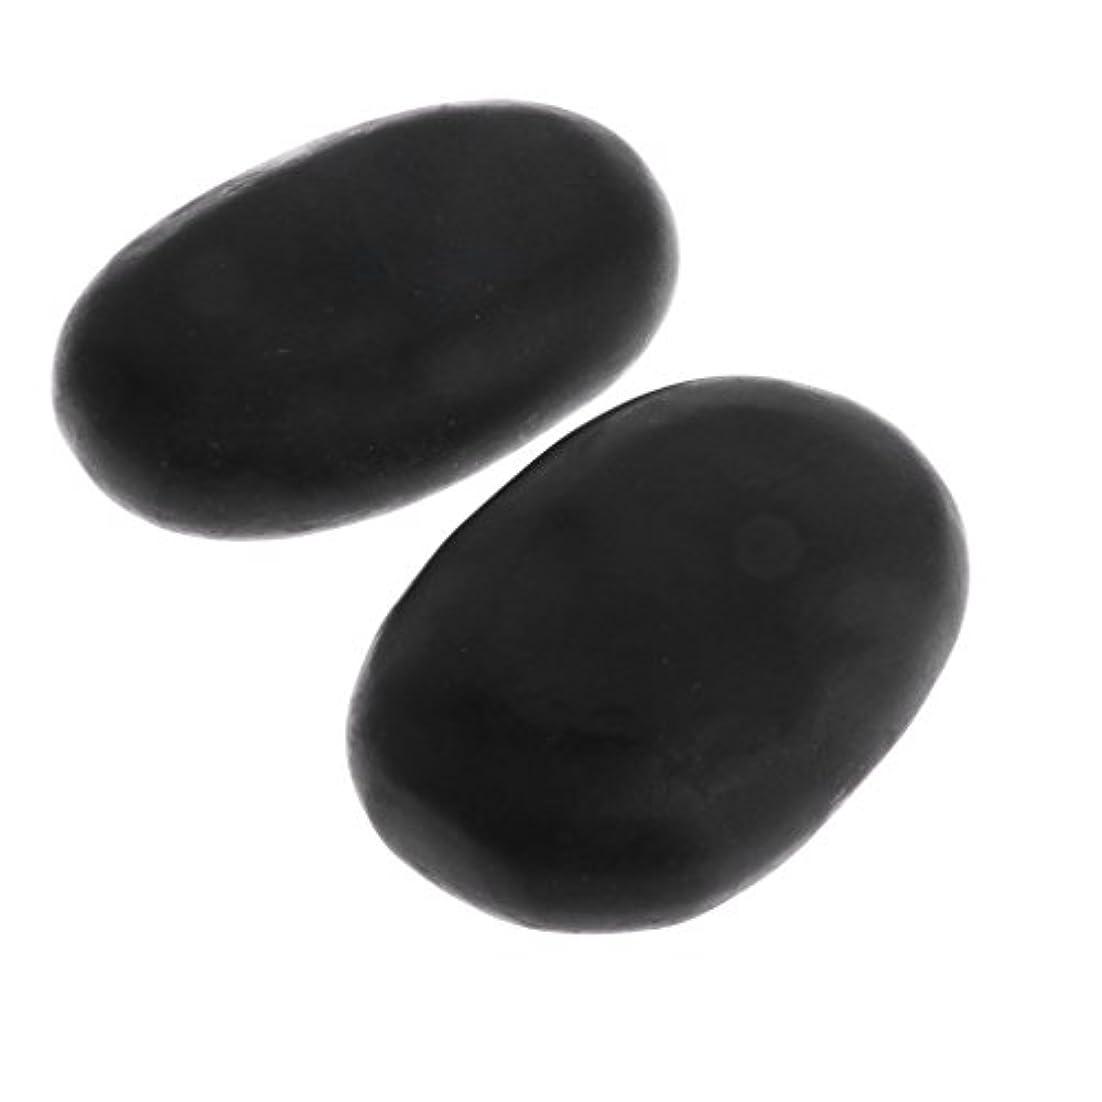 マッサージうんざり脊椎SONONIA マッサージ石 2個 ストーン 玄武岩 火山石 マッサージ 溶岩 エステ SPA リラックス 効果的